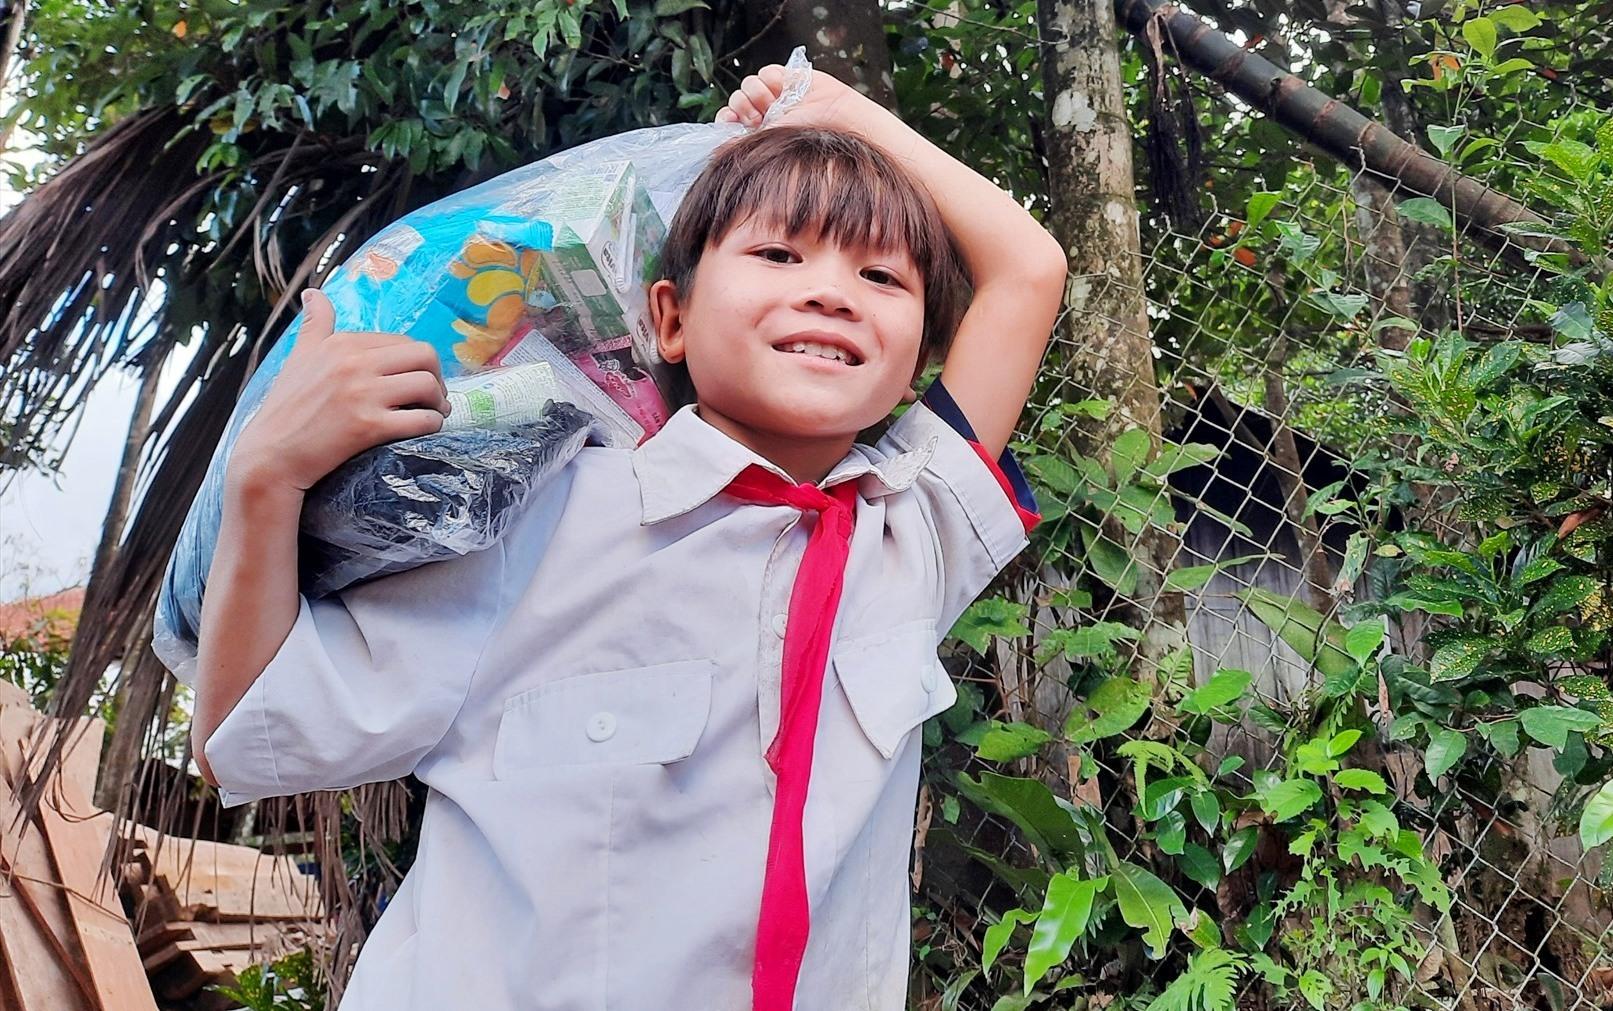 Một cậu học sinh làng Tăk Pát vui mừng vì được áo quần, bánh kẹo do địa phương hỗ trợ. Ảnh: HỒ QUÂN